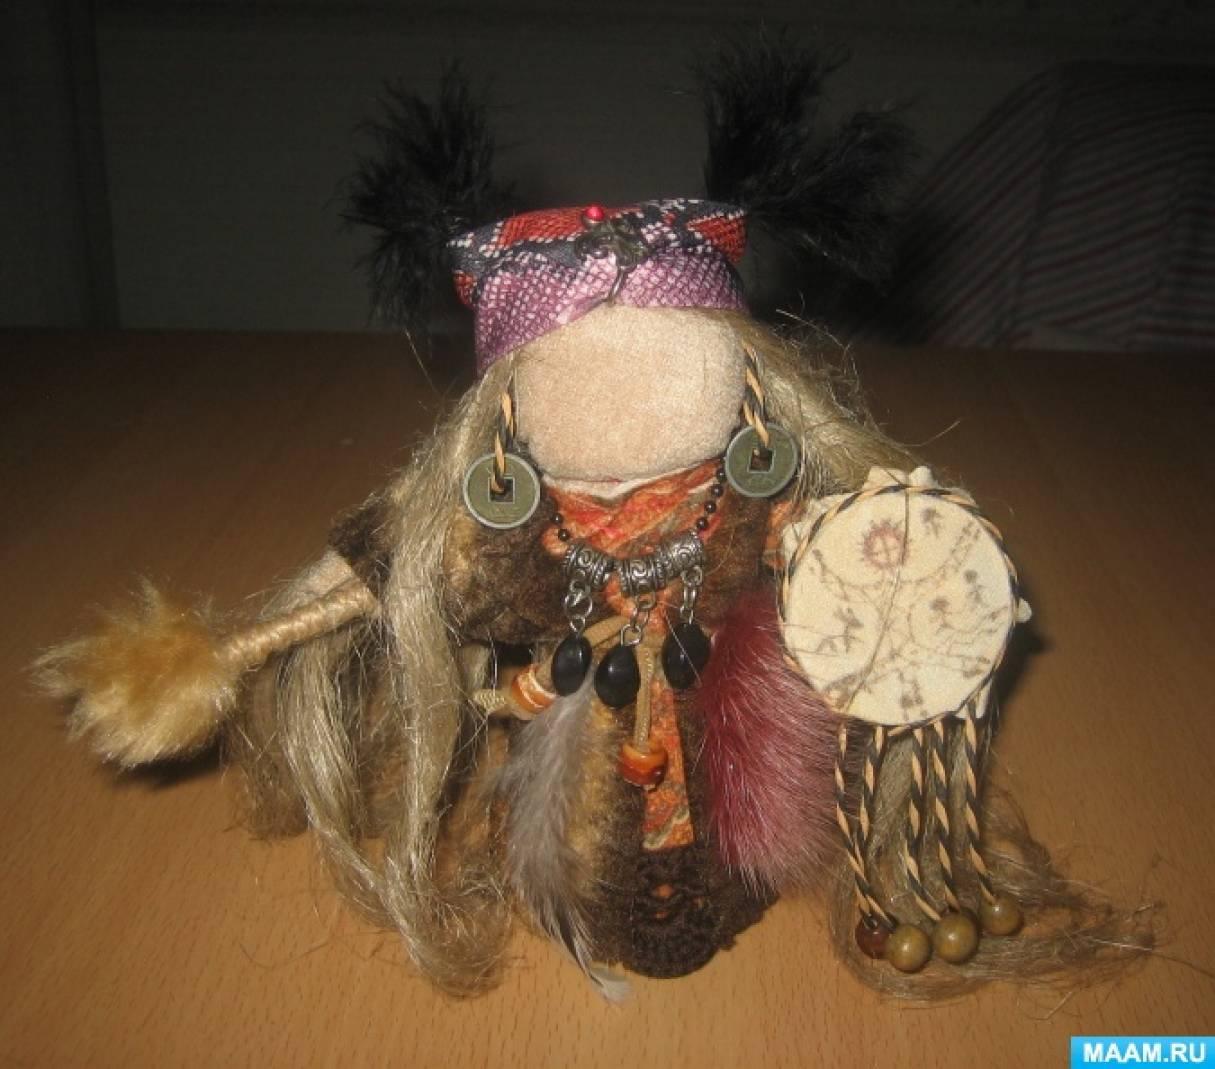 Мастер-класс изготовления куклы-оберега «Шаманочка». Воспитателям детских садов, школьным учителям и педагогам - Маам.ру